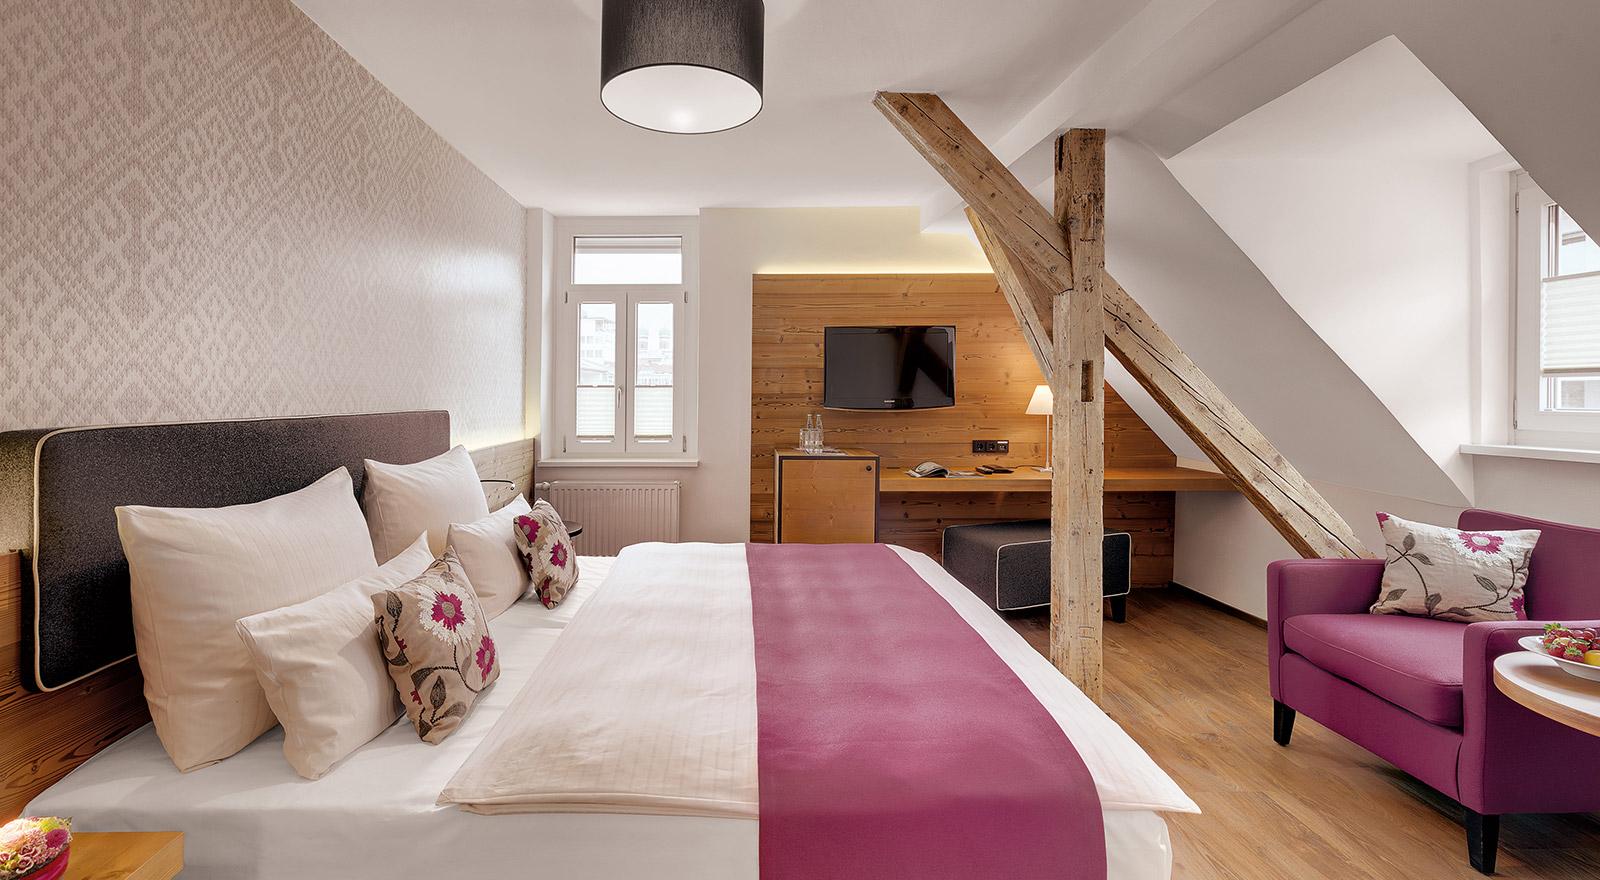 Doppelzimmer Alpenchic Comfort - First Class mit Tradition im Herzen ...